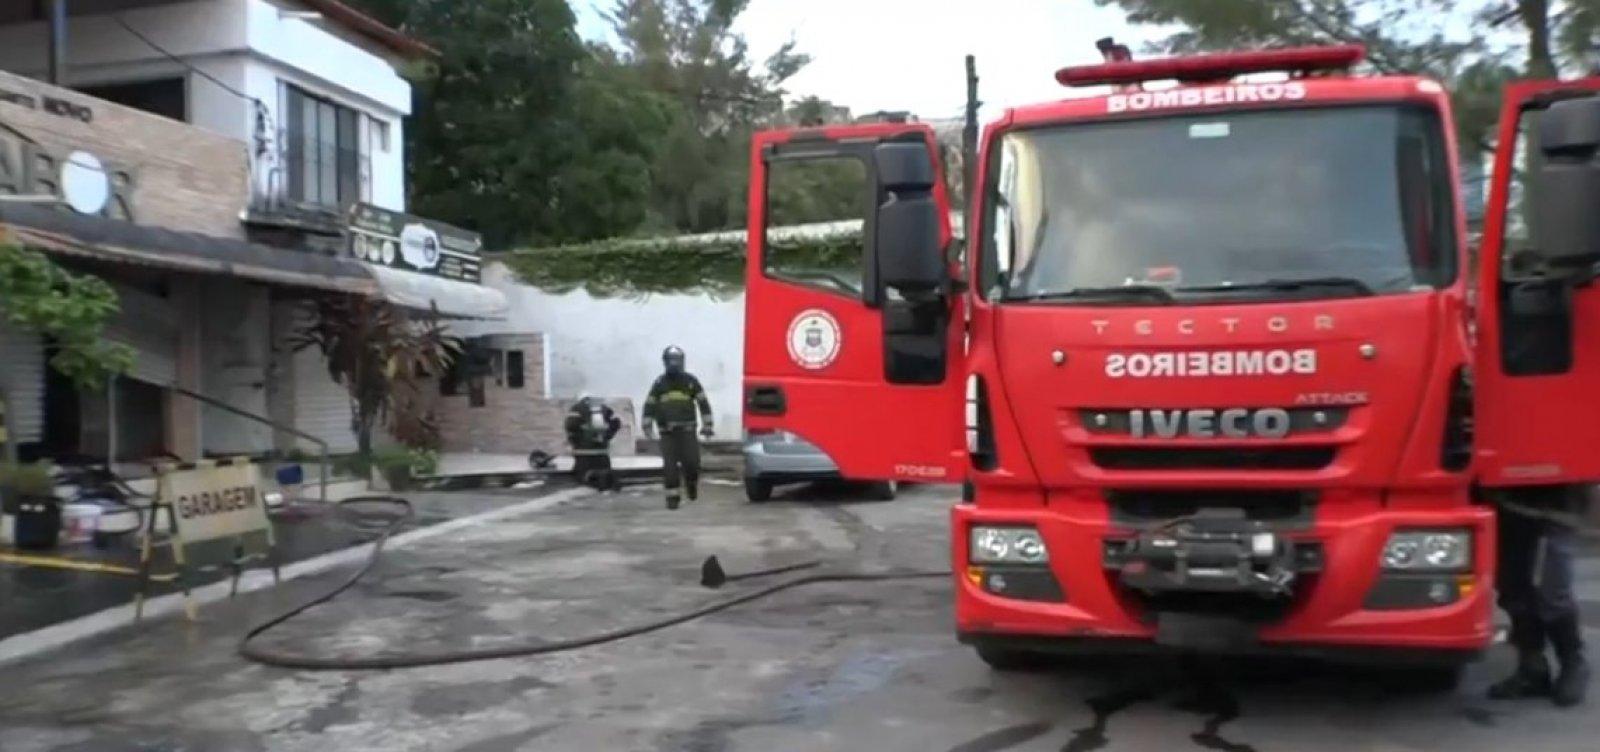 Incêndio atinge restaurante no bairro da Santa Cruz, em Salvador